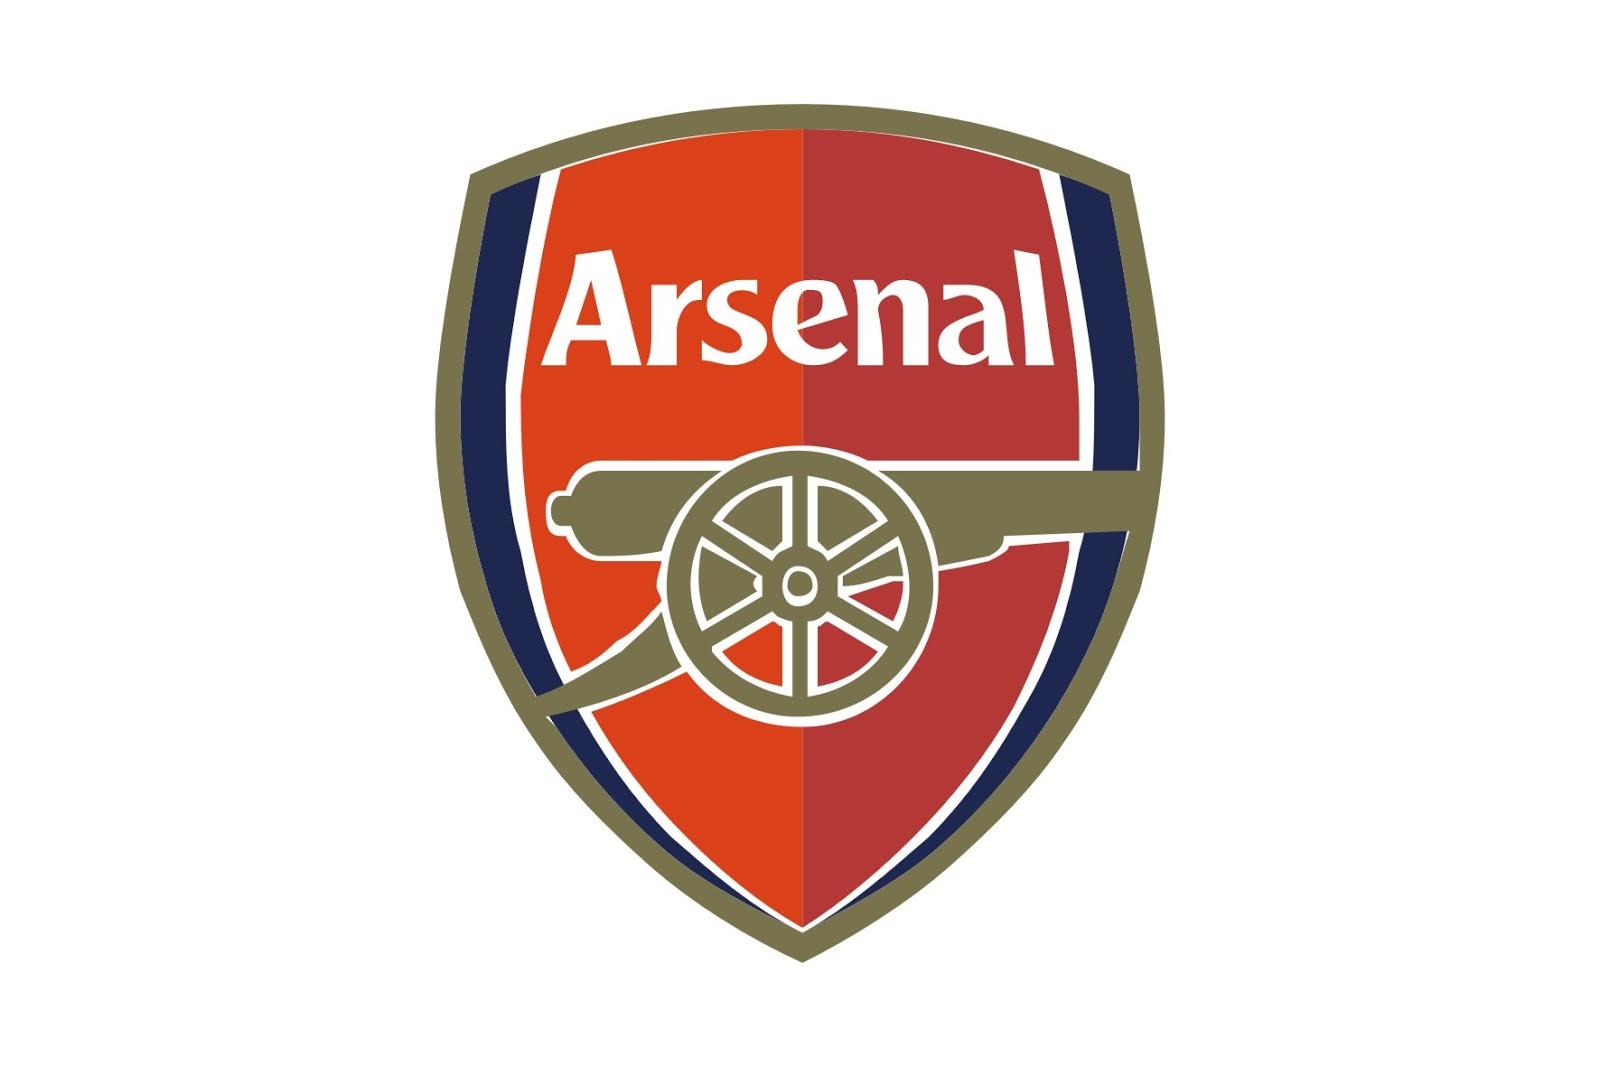 Logo Arsenal.com